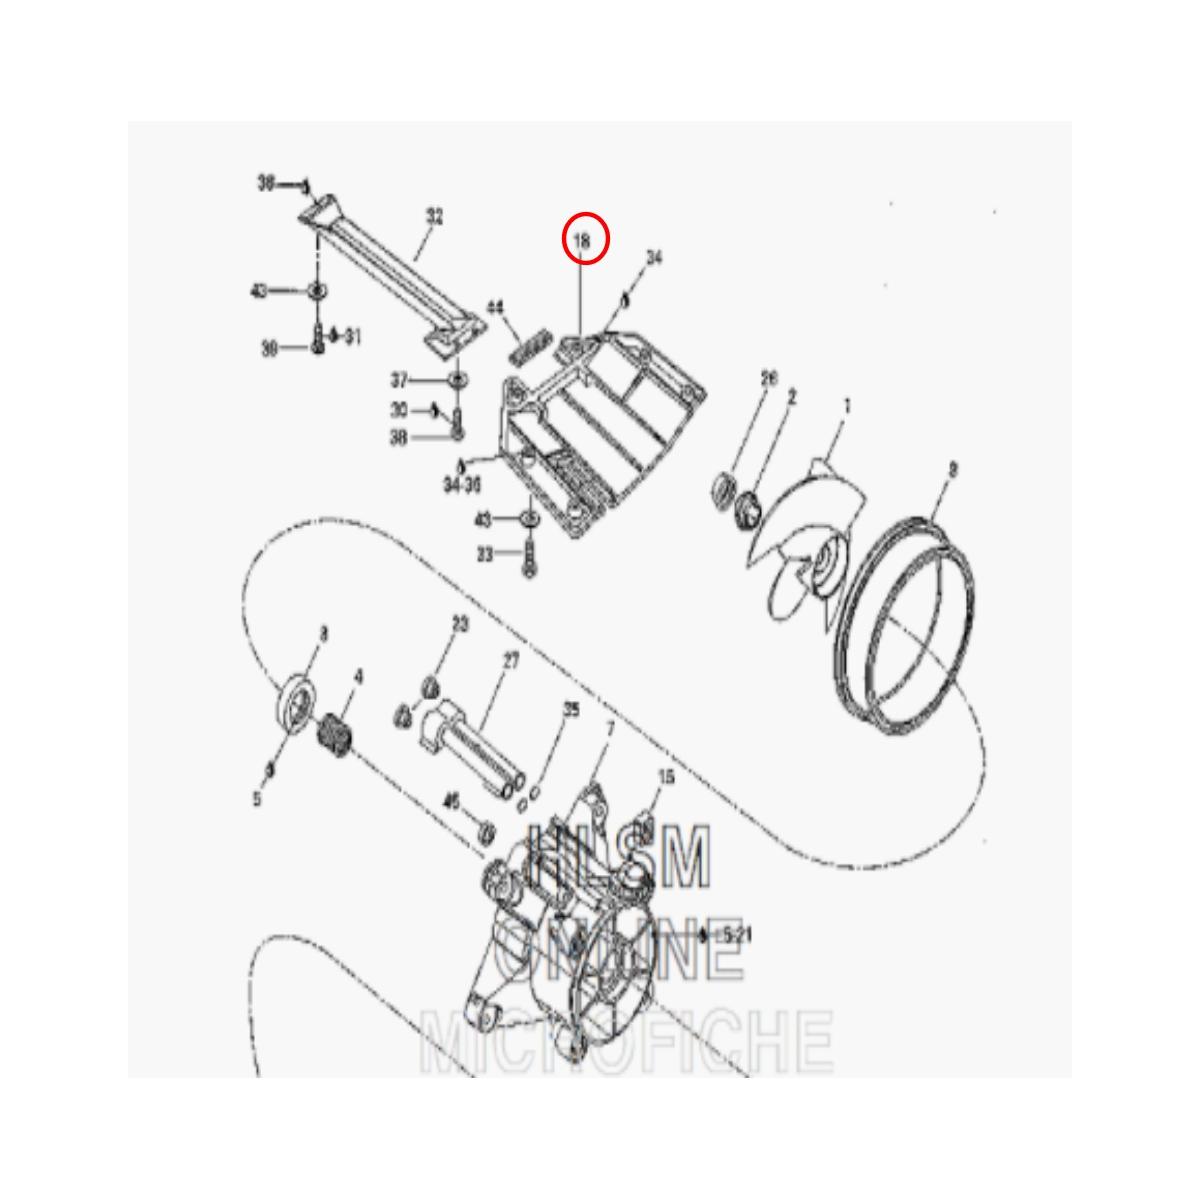 Placa Turbina Jet Ski Sea Doo XP 97  - Radical Peças - Peças para Jet Ski